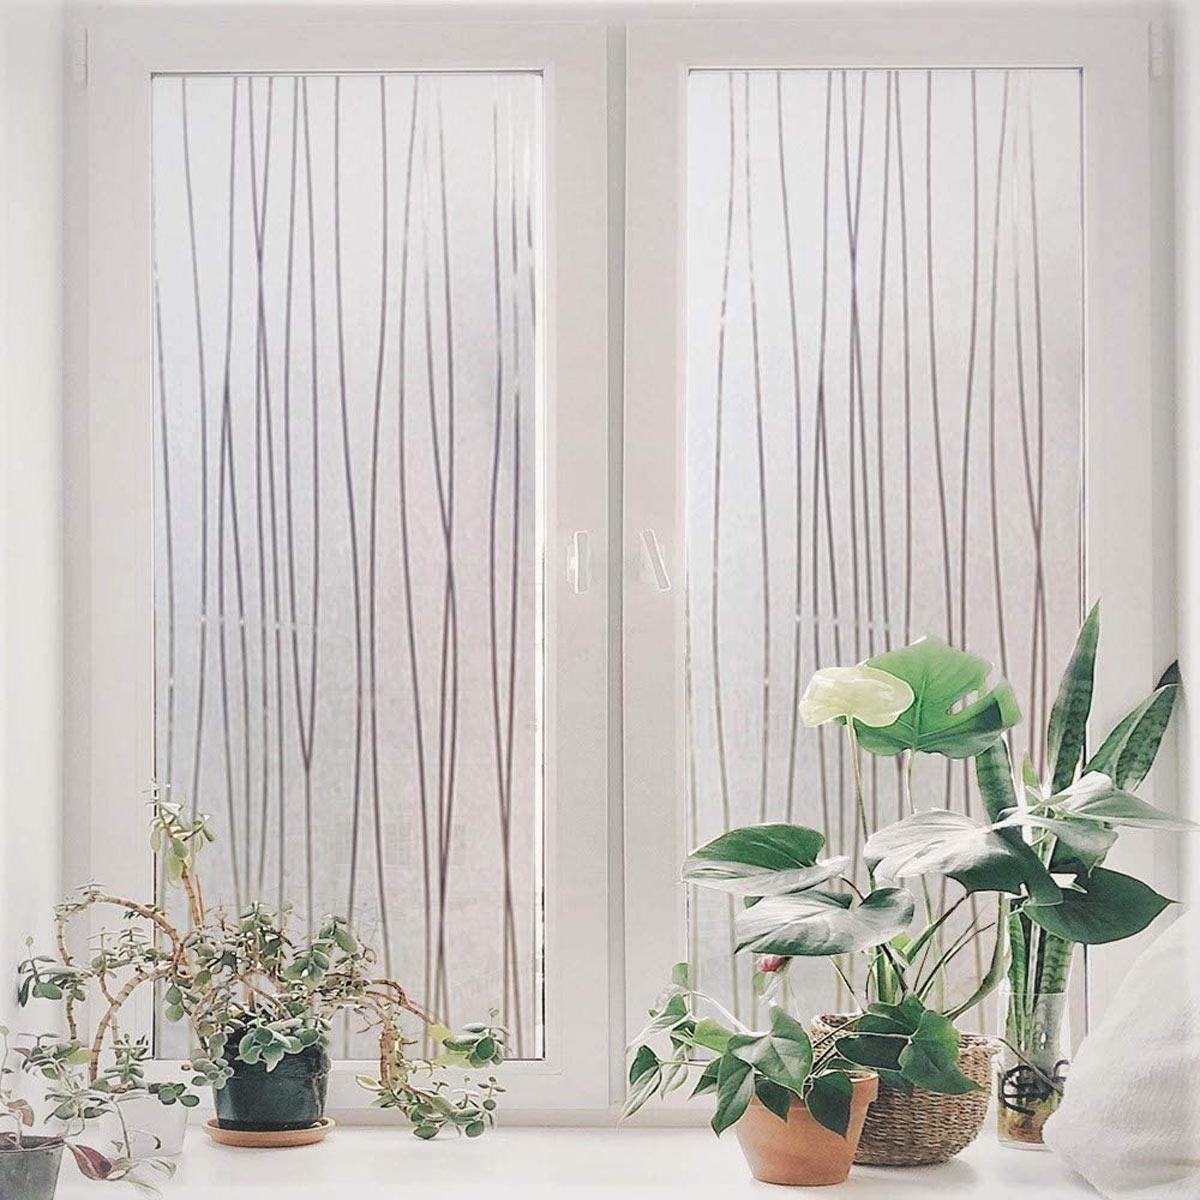 Brise vue décoratif pour fenêtre